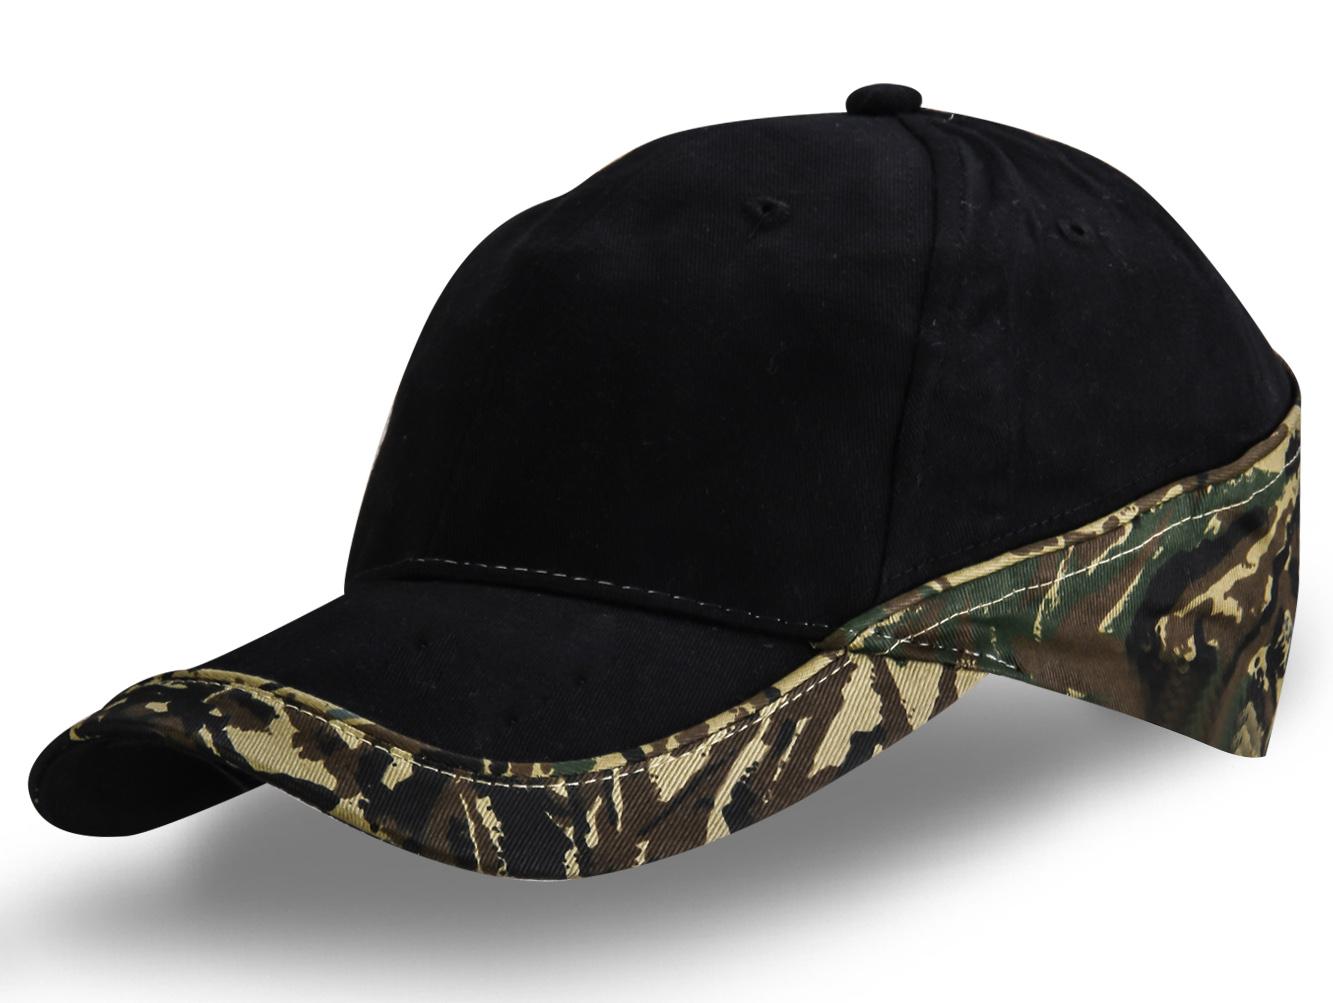 Черная кепка с камуфляжем - купить в интернет-магазине с доставкой